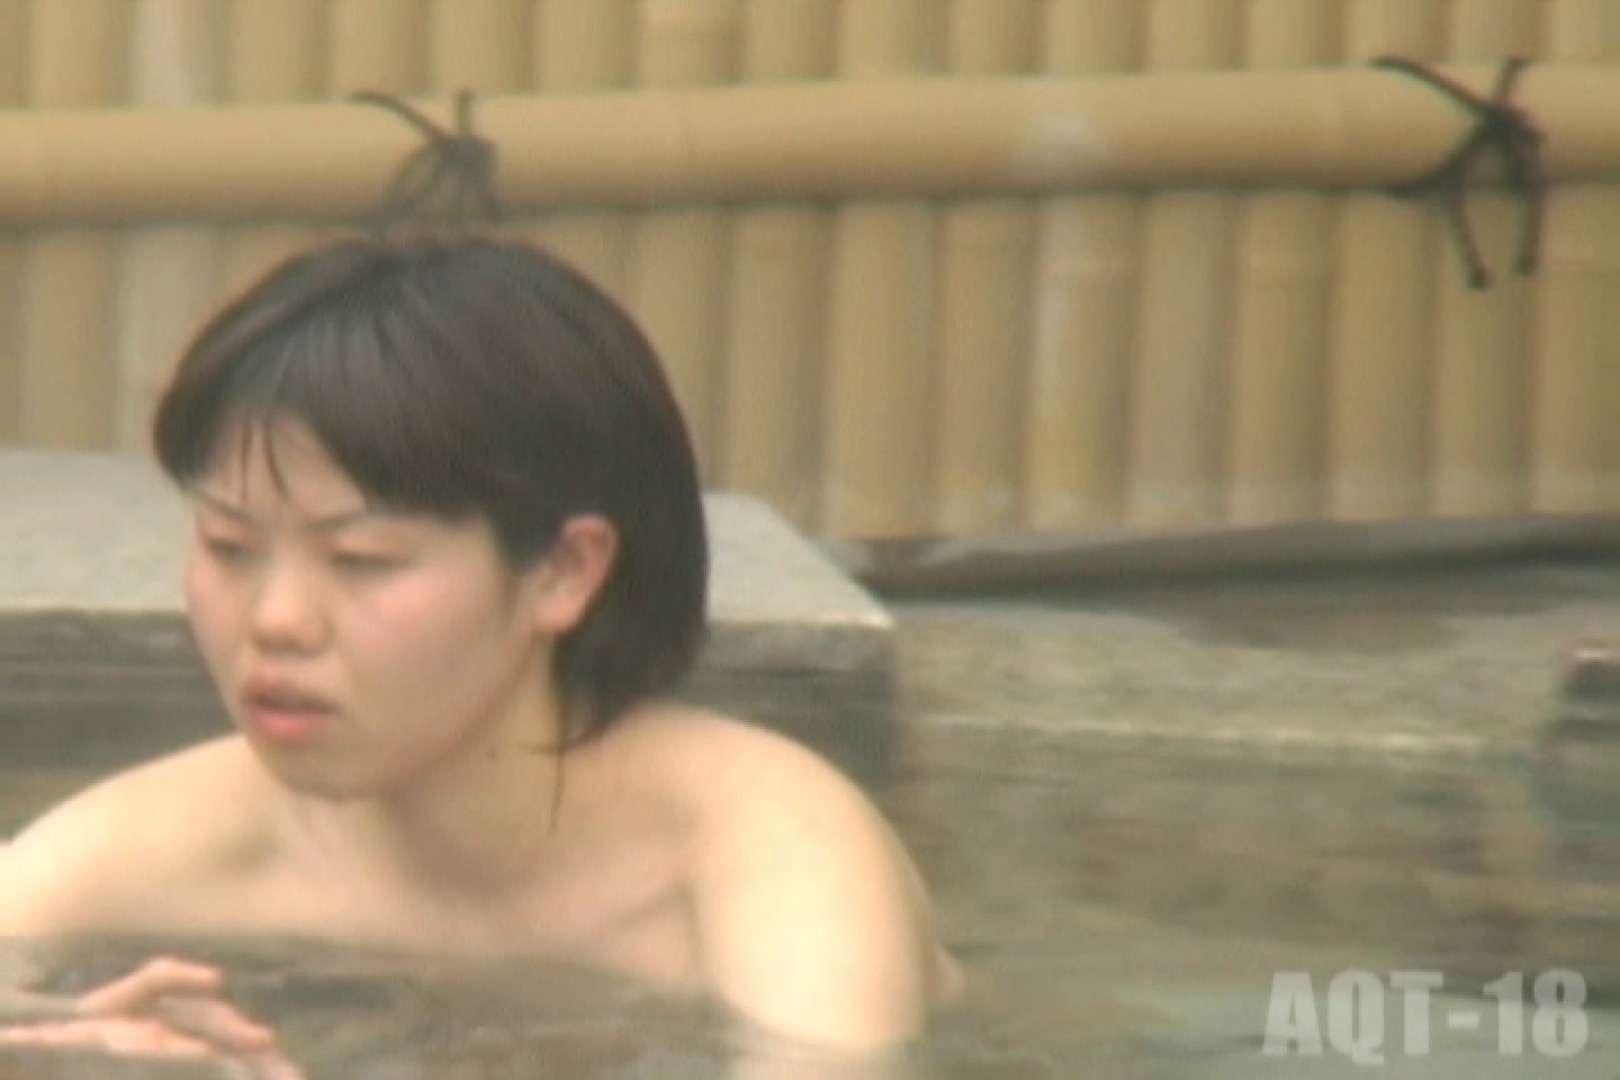 Aquaな露天風呂Vol.861 盗撮 | OLのエロ生活  107連発 70